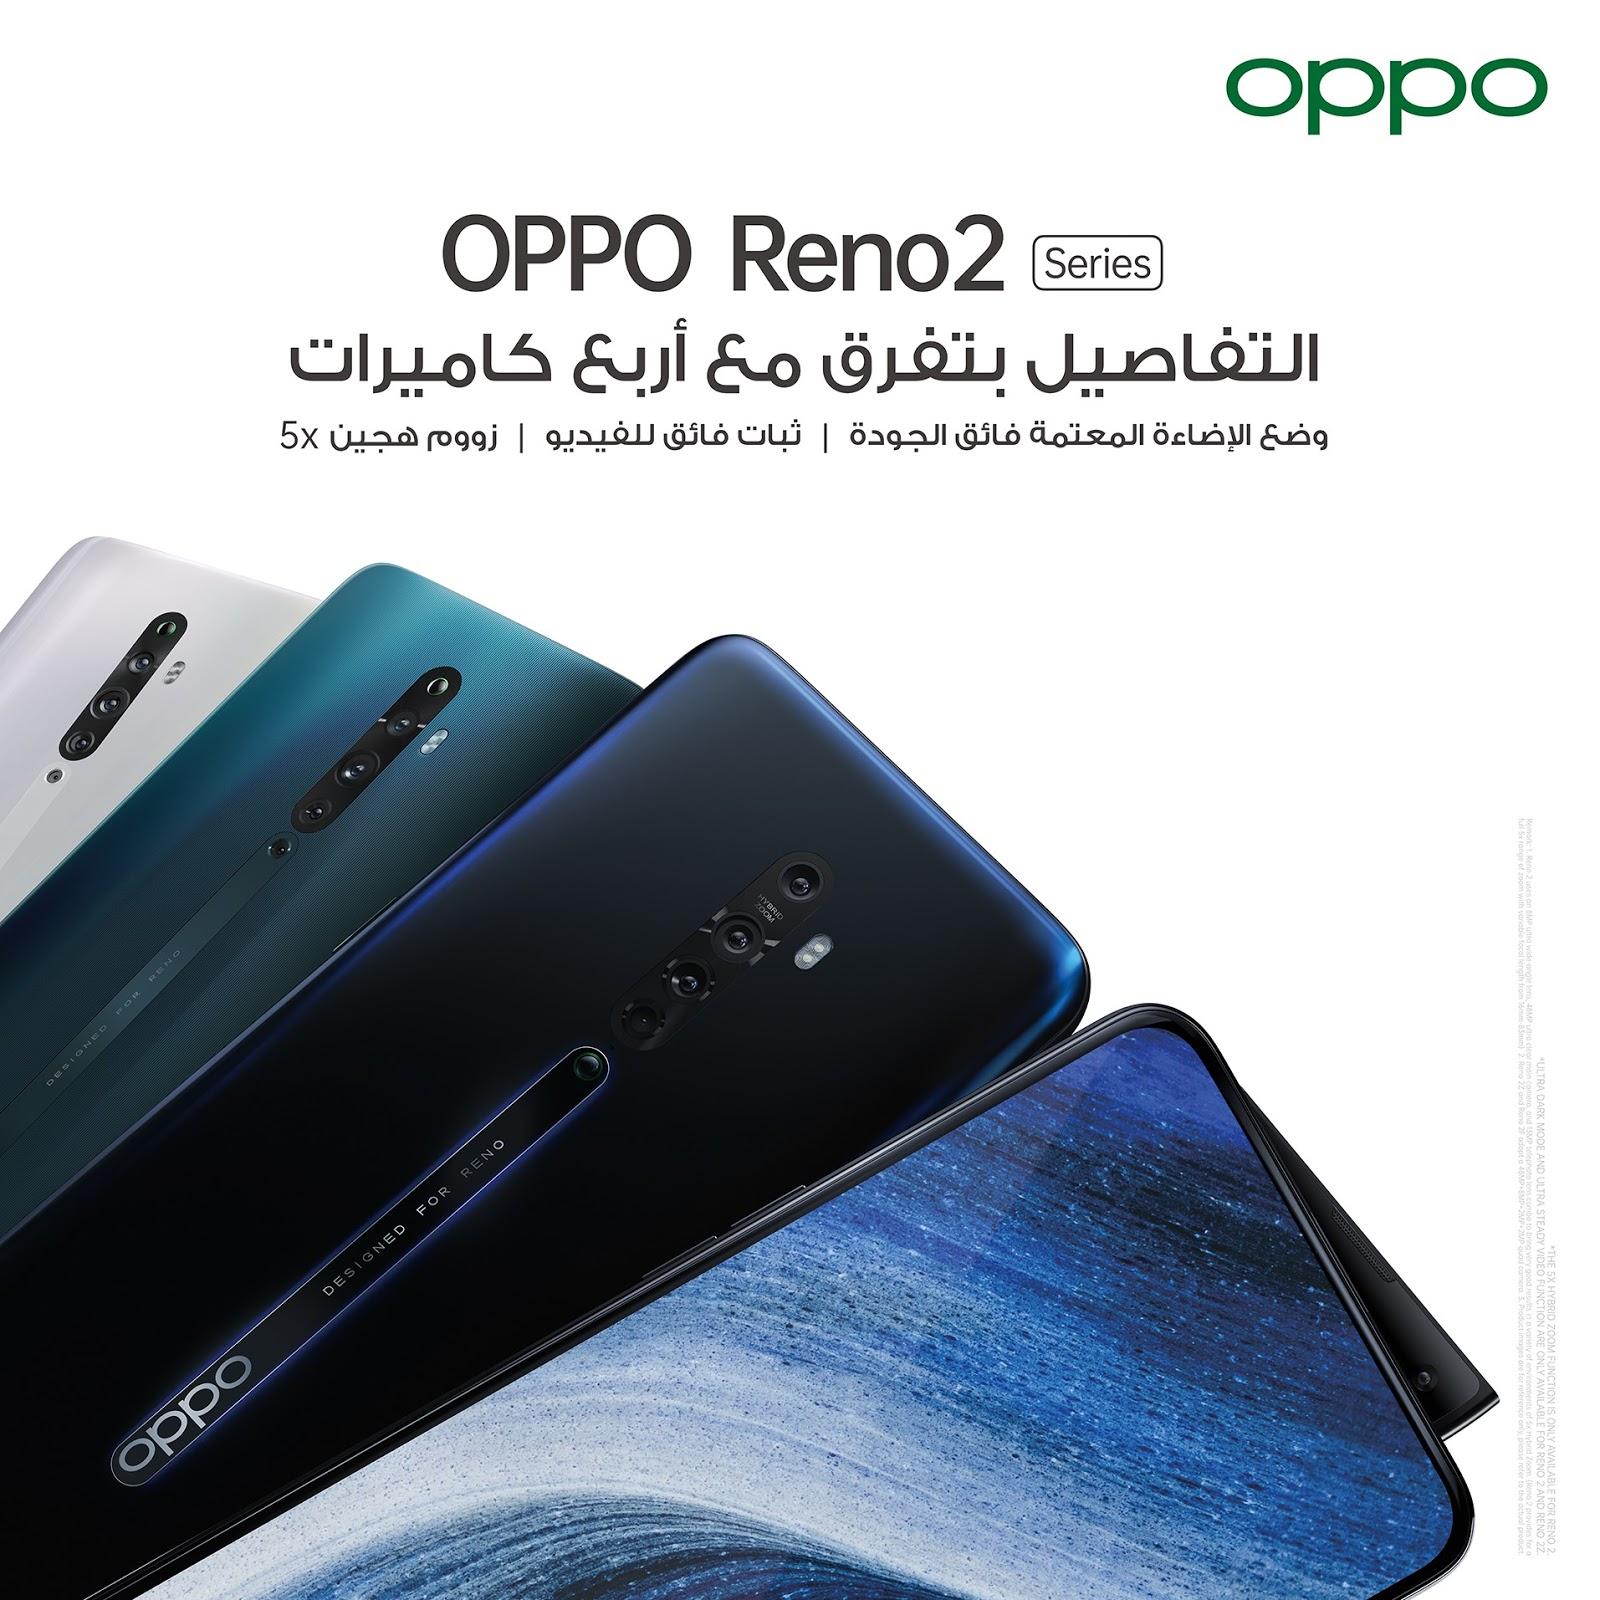 فتح علبة أوبو رينو أوبو رينو2 المغرب خصائص ومميزات مراجعة هاتف oppo reno2 Maroc